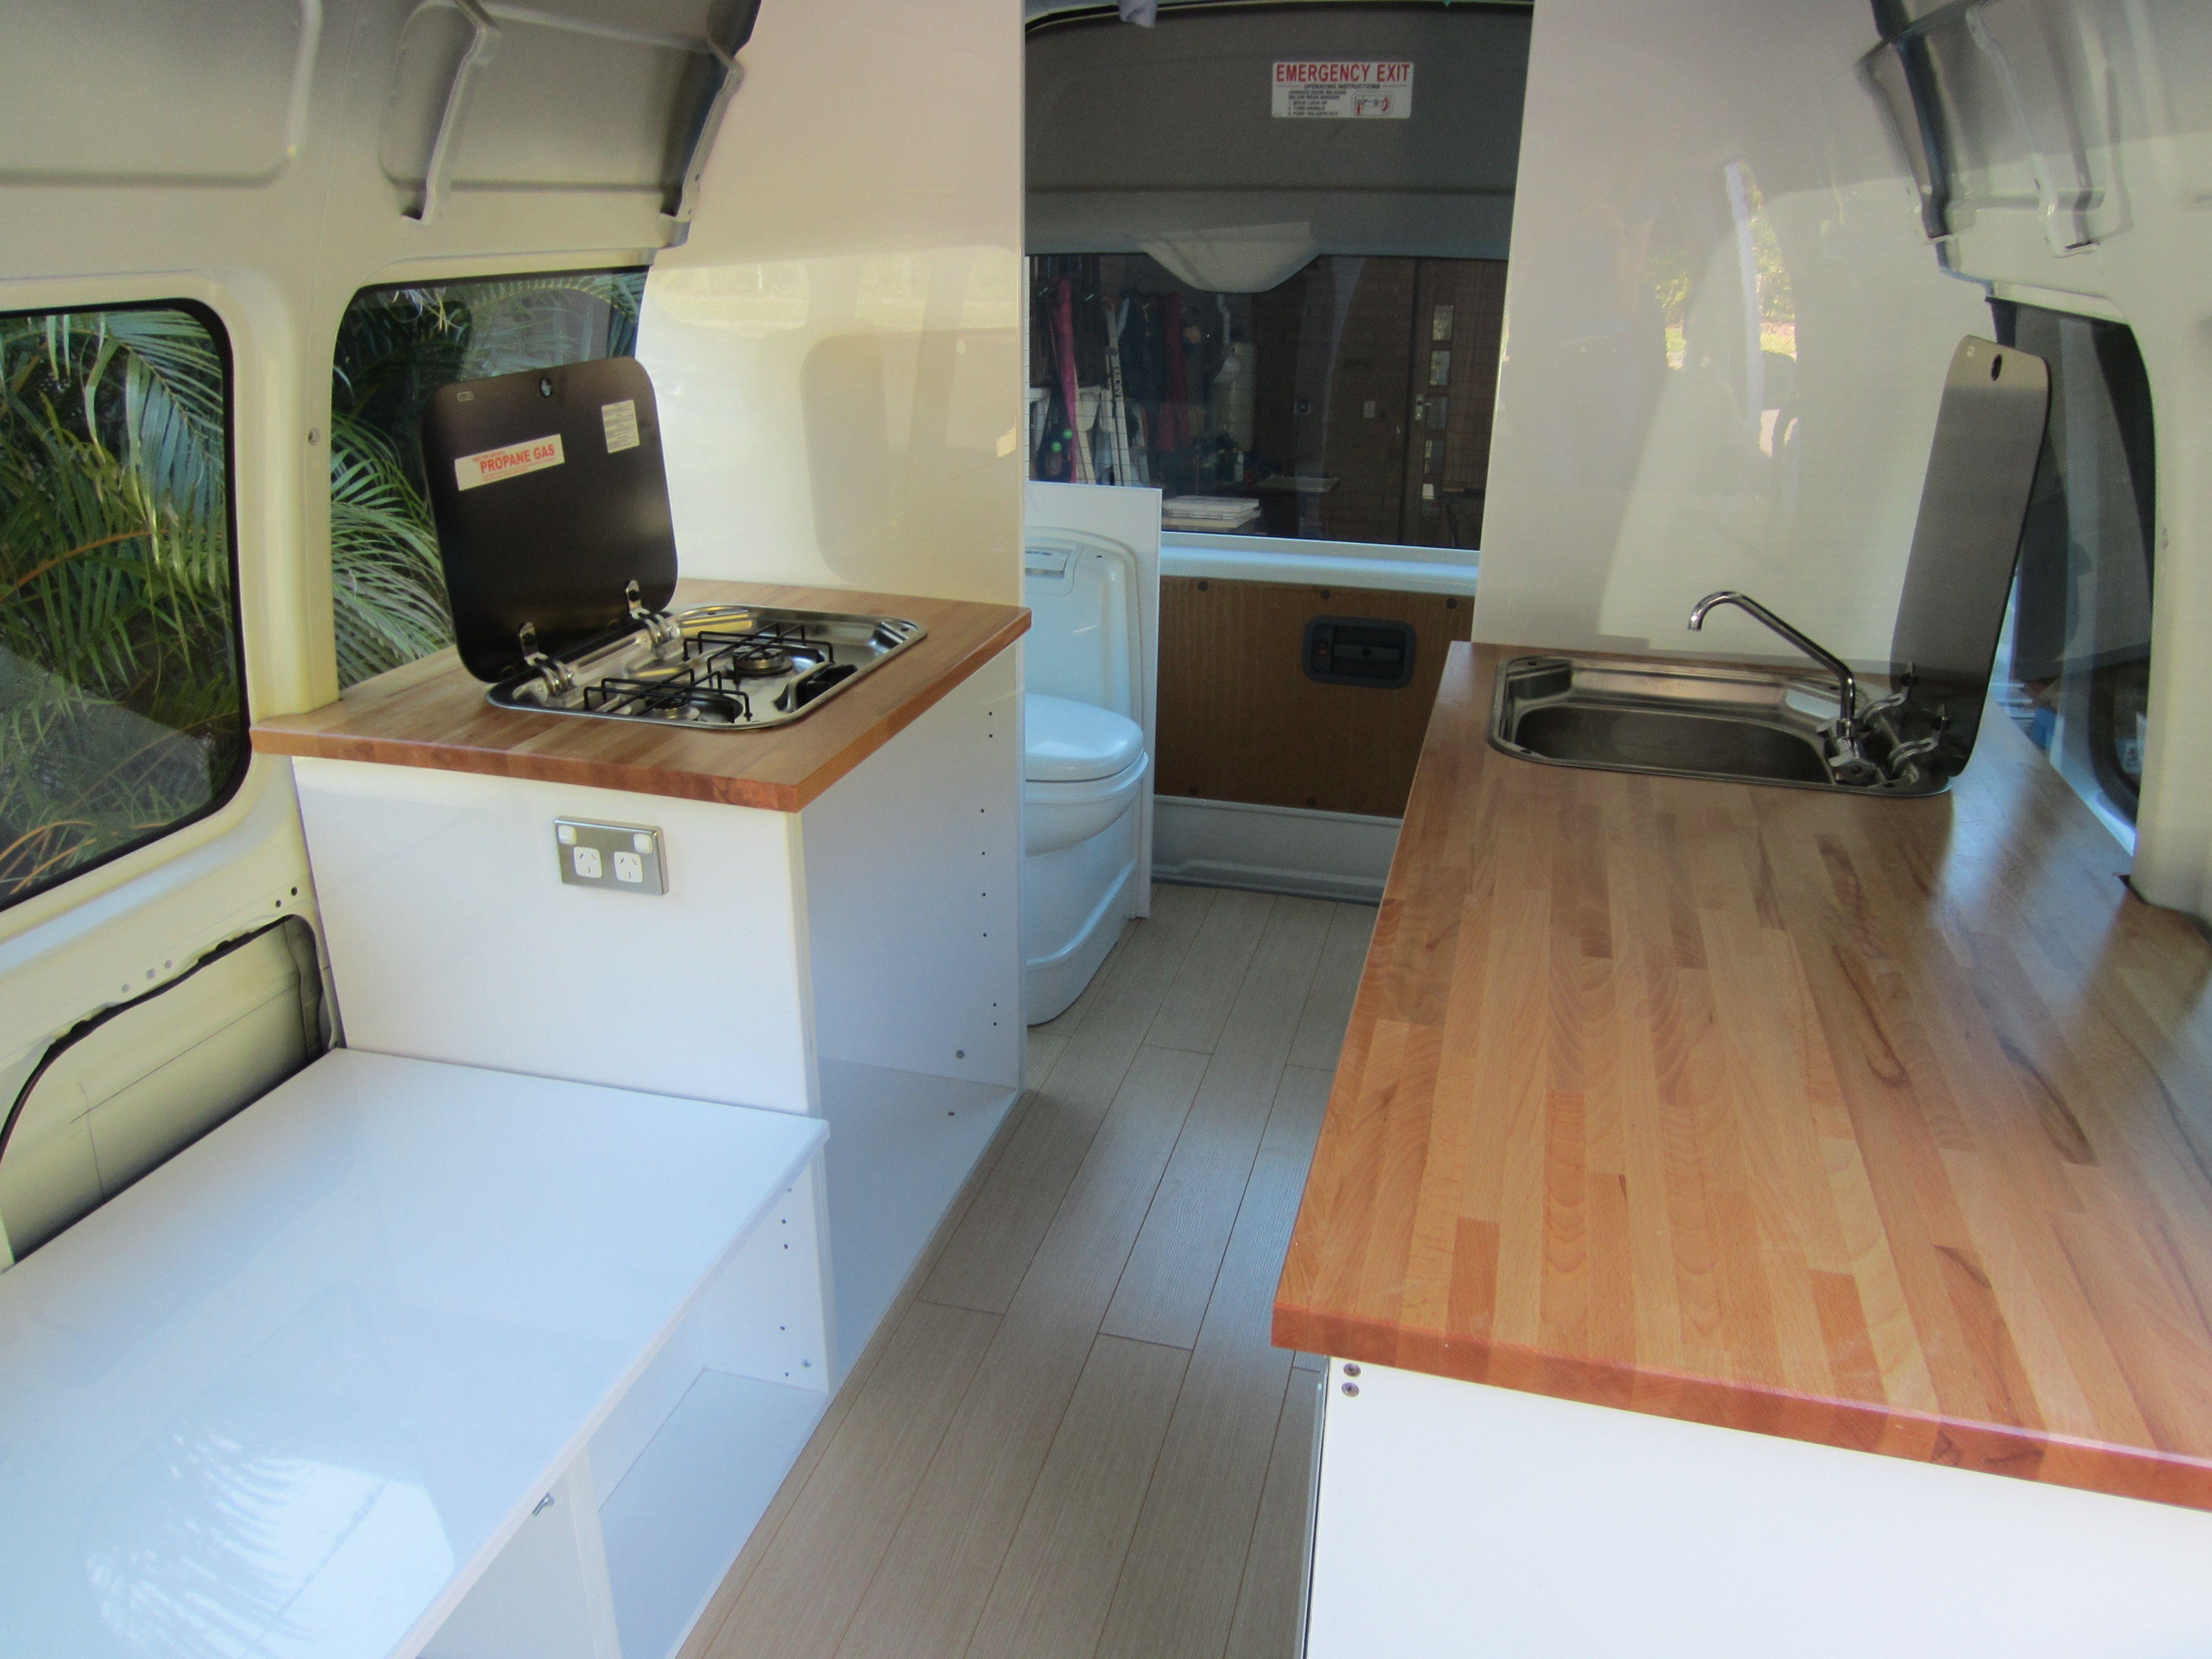 Creating a campervan kitchen campervan conversion chevy for Campervan kitchen ideas